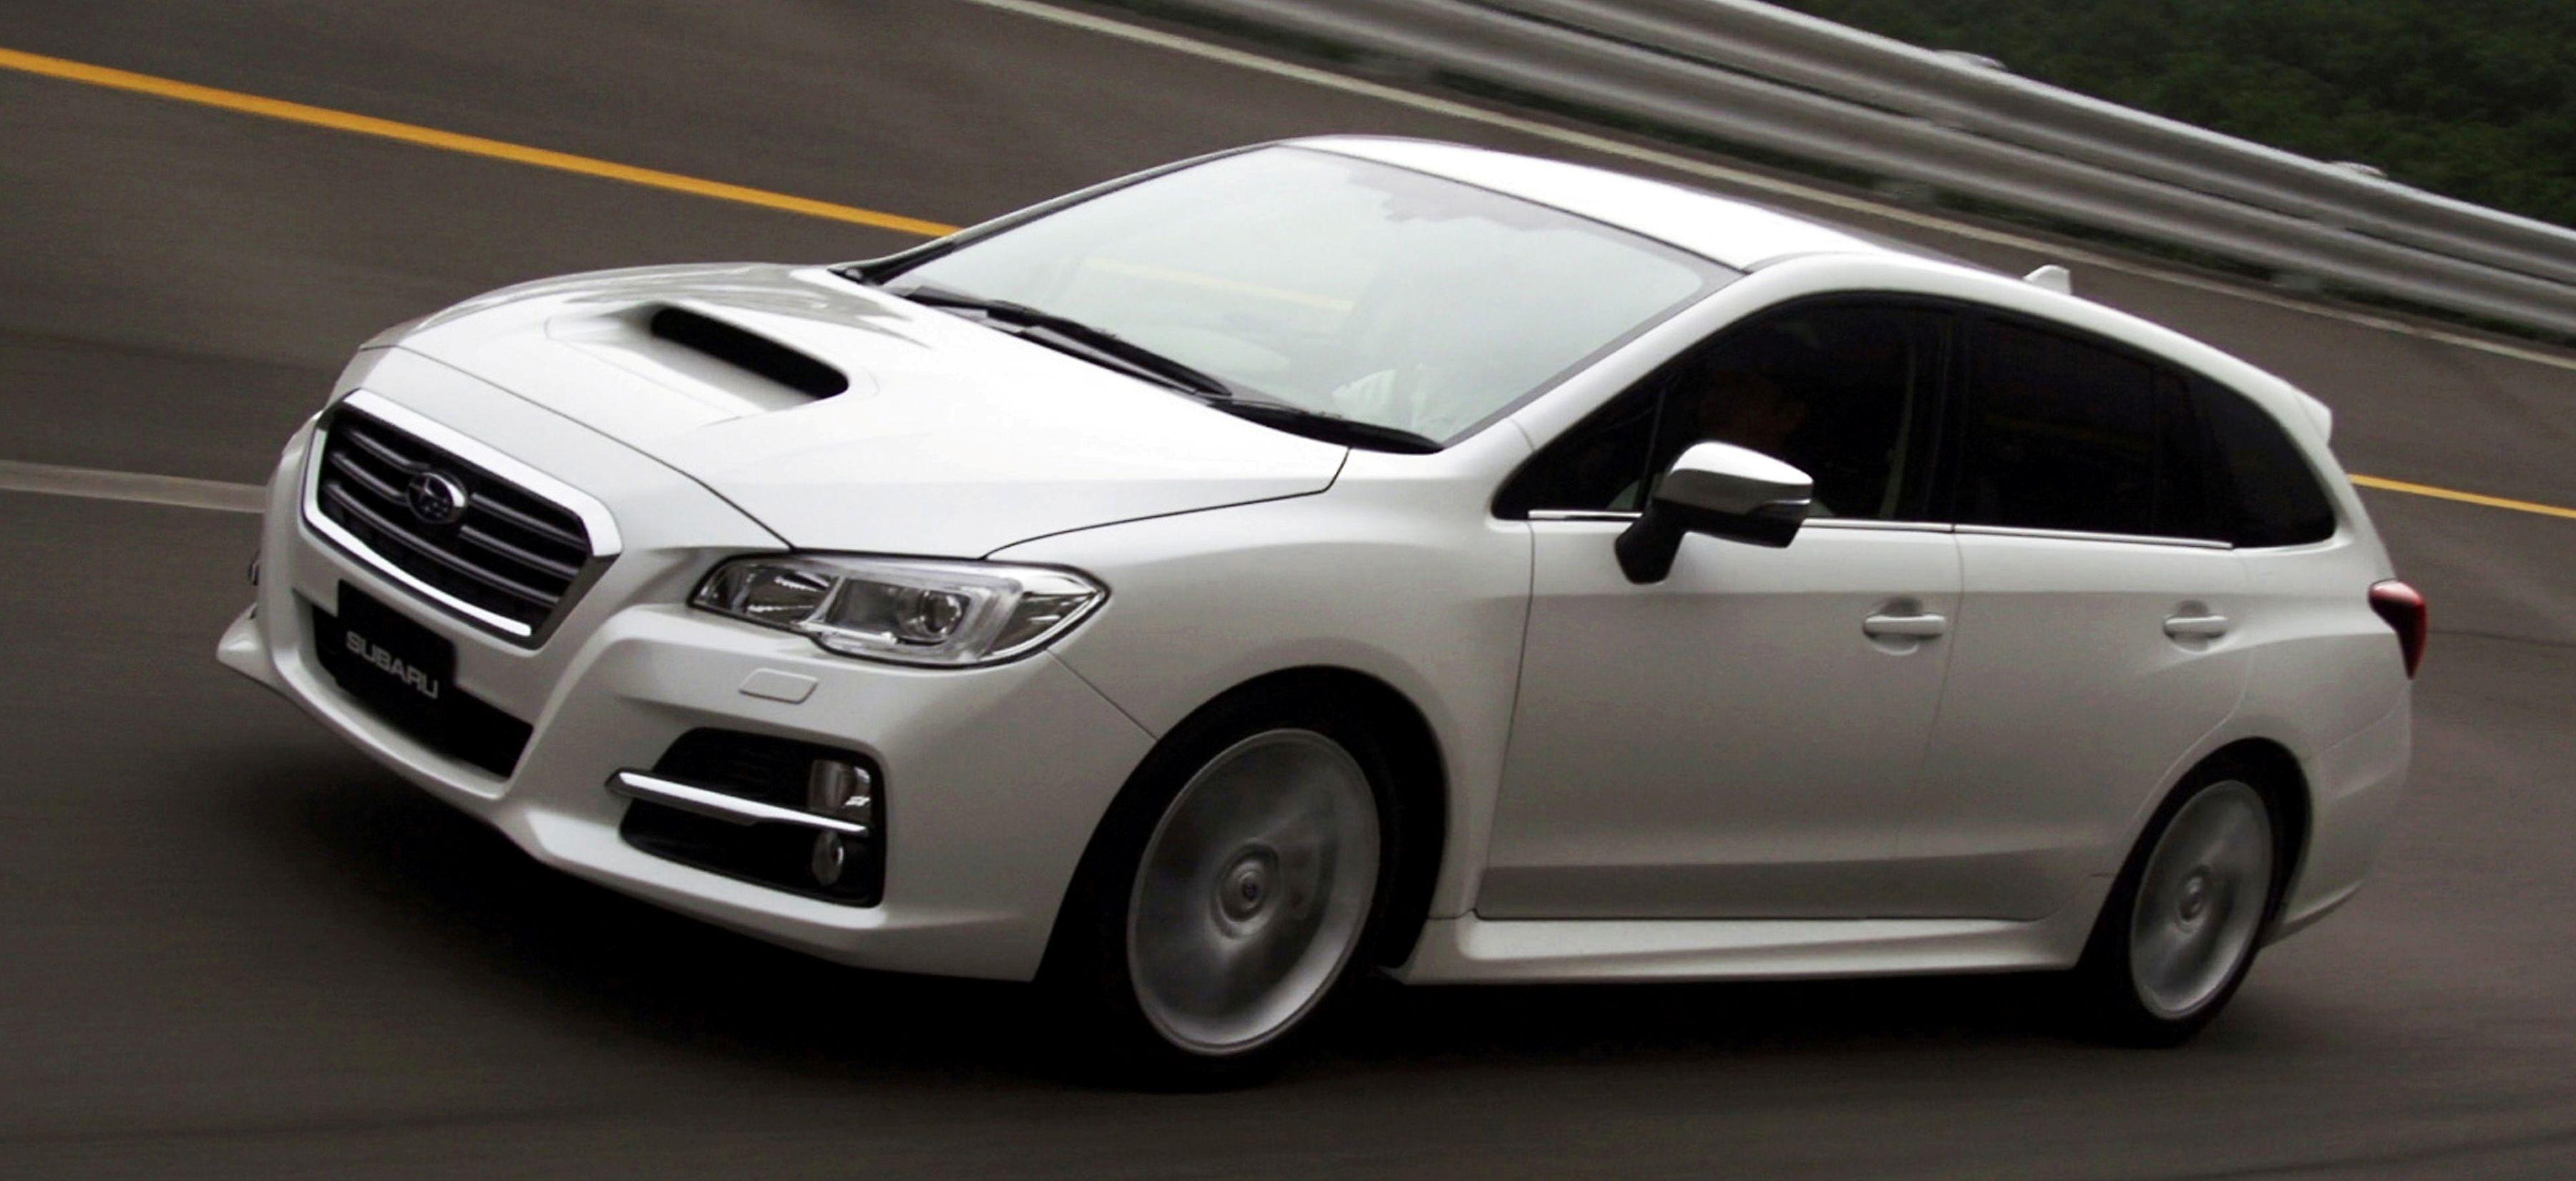 Subaru Levorg Concept 0 Carrevsdaily Com4 Subaru Levorg Wrx Wagon Subaru